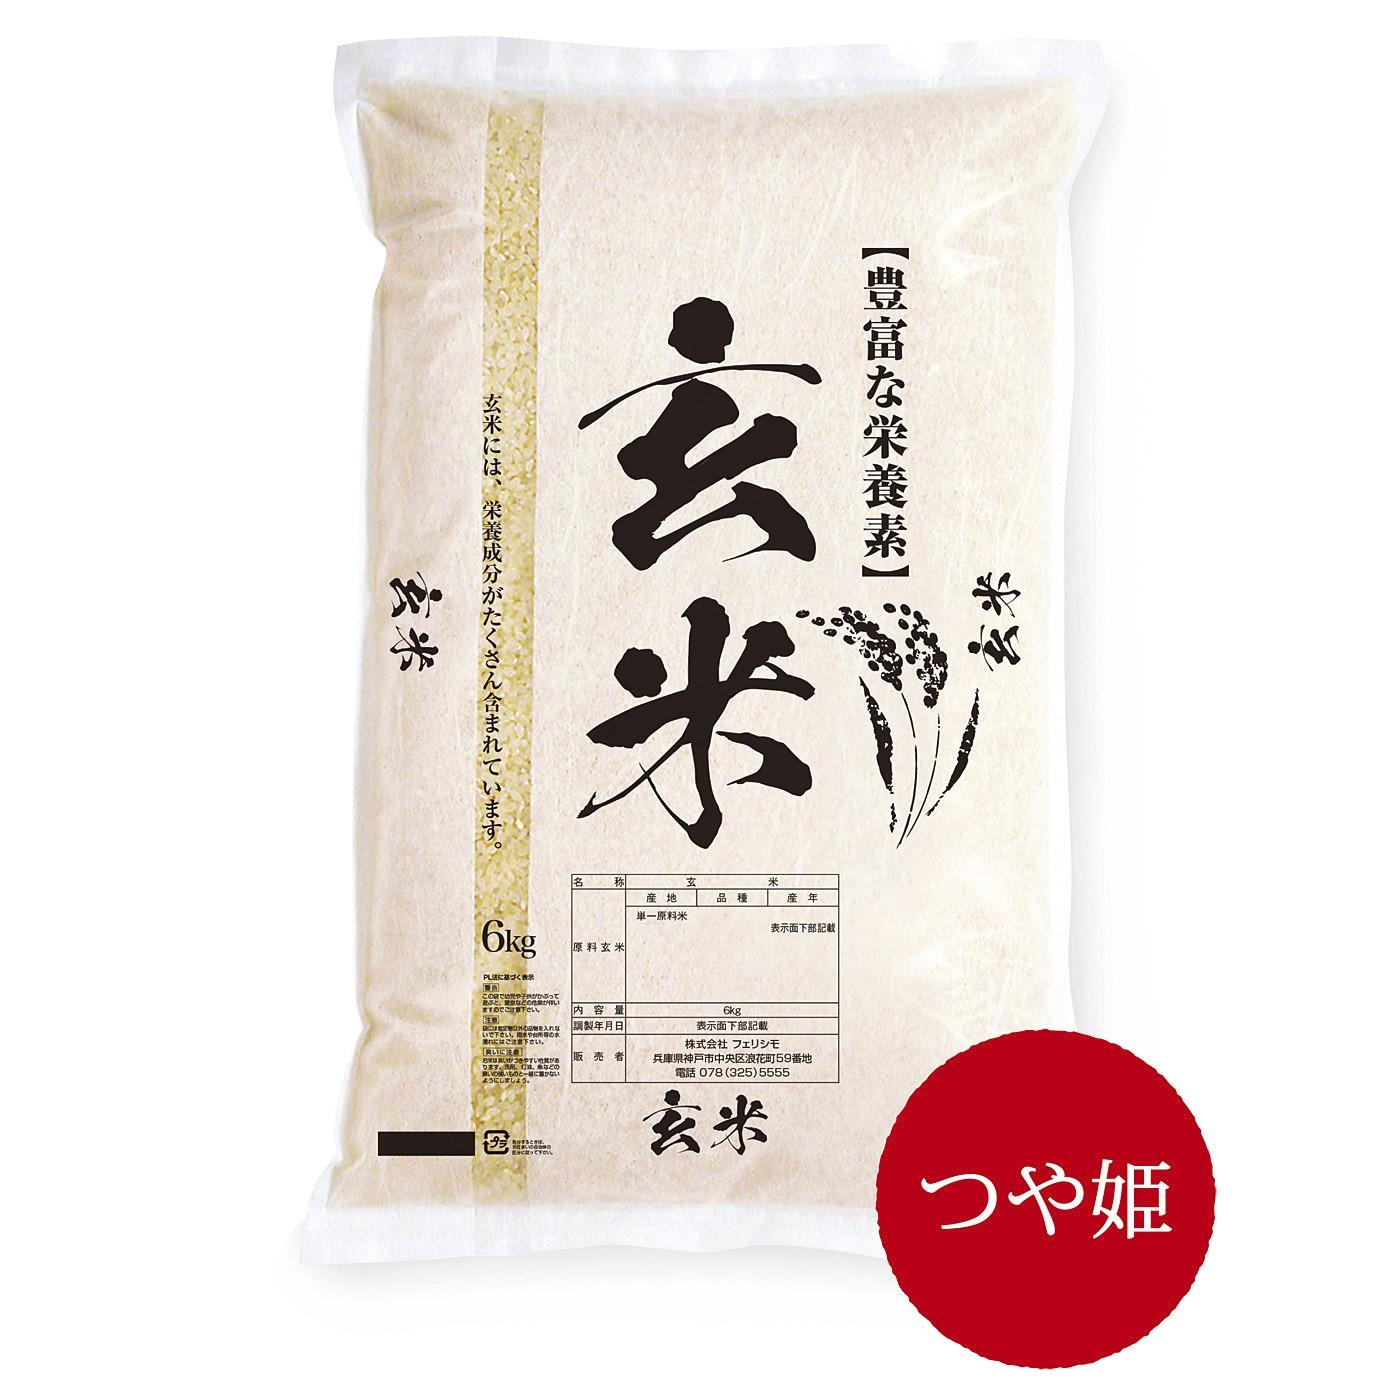 山形県「つや姫」 さっぱり・あっさりした食感。パラパラとした粒感のある舌ざわりで、お寿司などにも向いています。